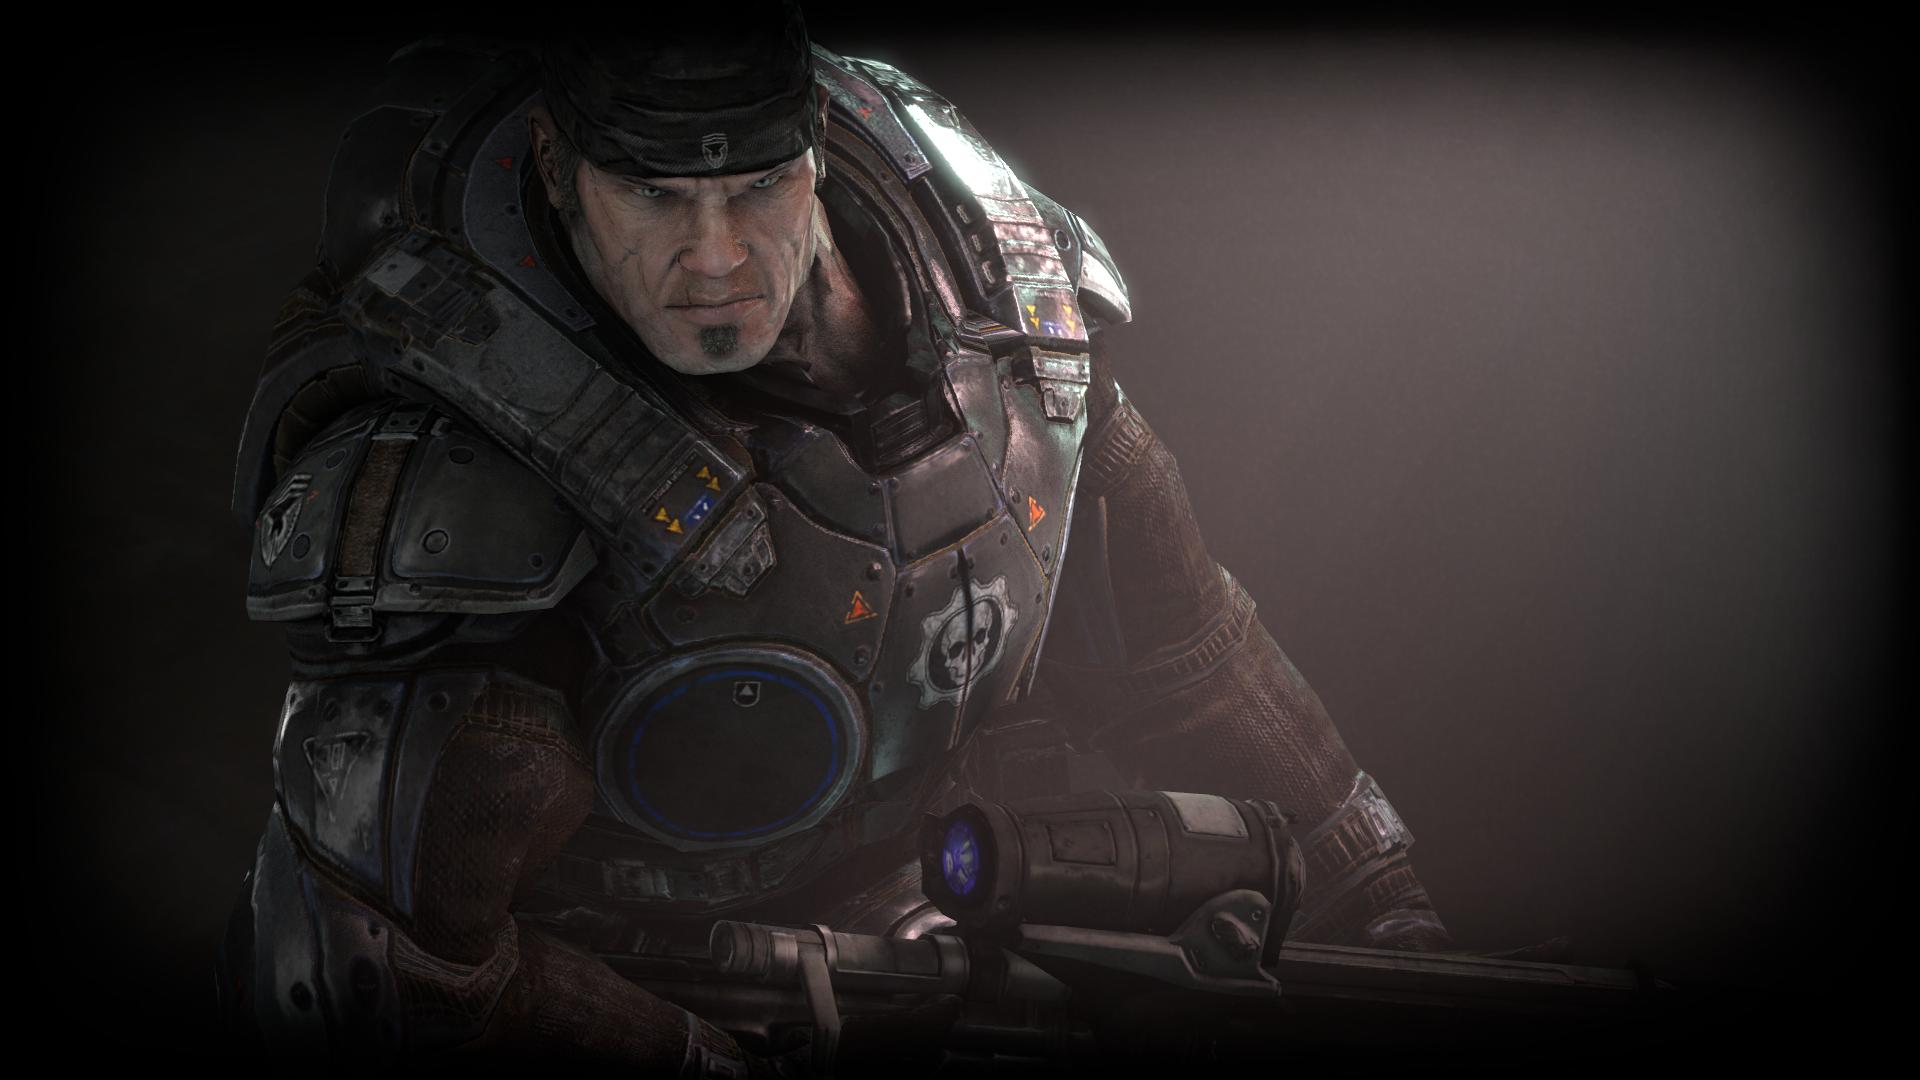 Gears of War - Marcus Fenix